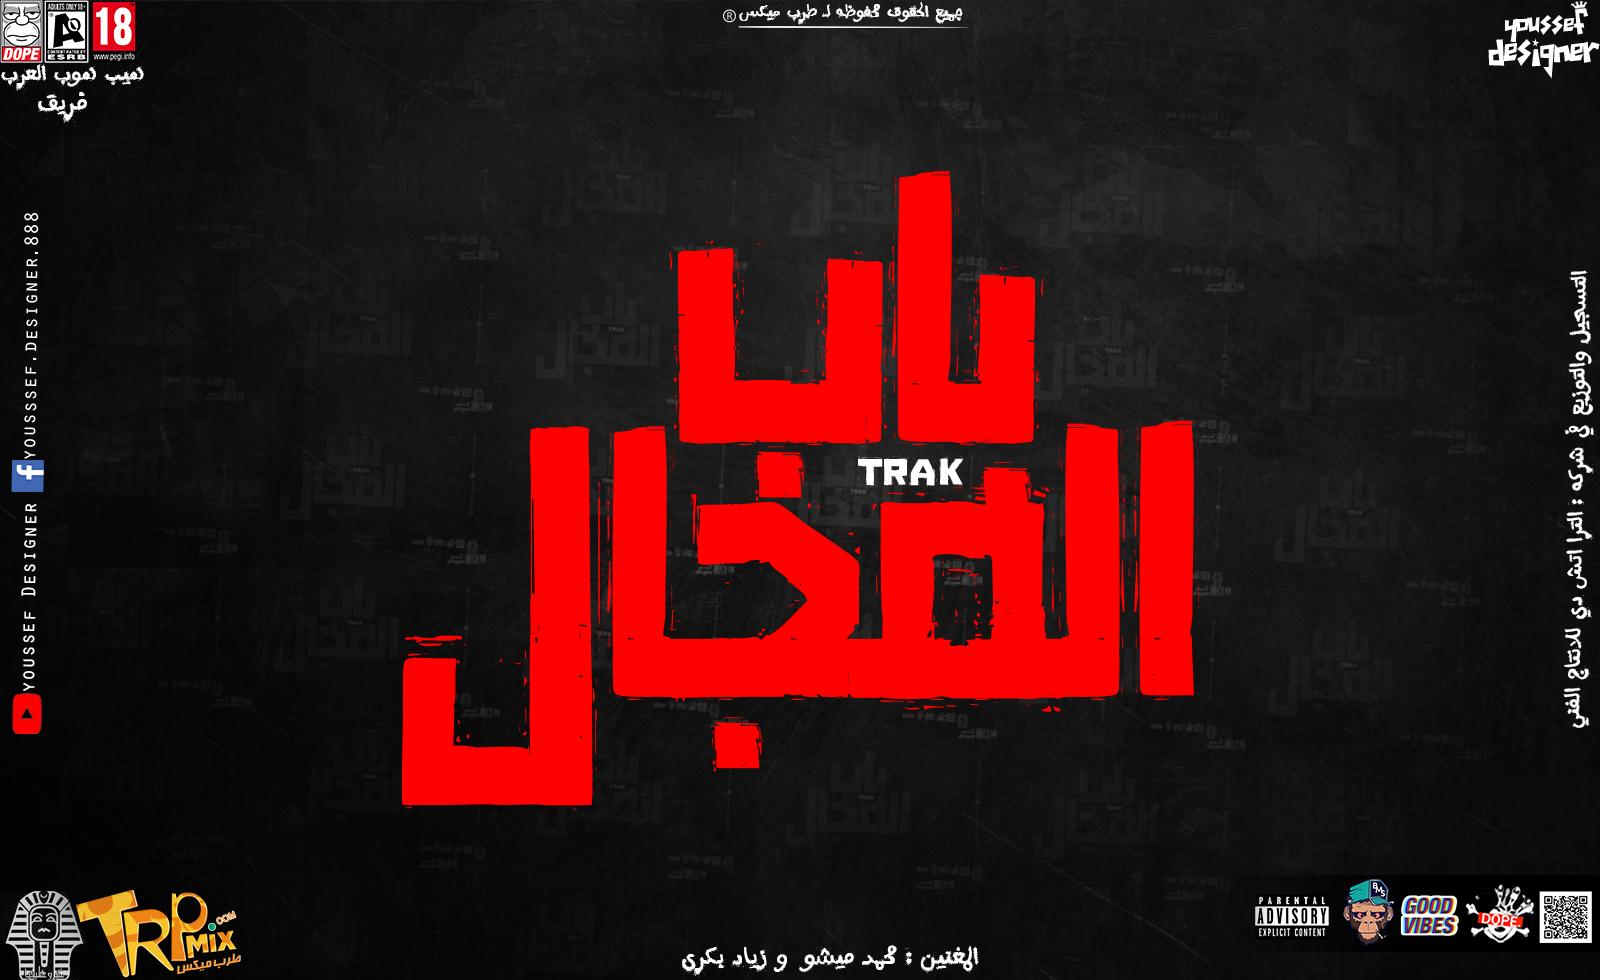 تراك باب المجال  غناء محمد ميشو و زياد بكري 2019 برعاية طرب مكيس